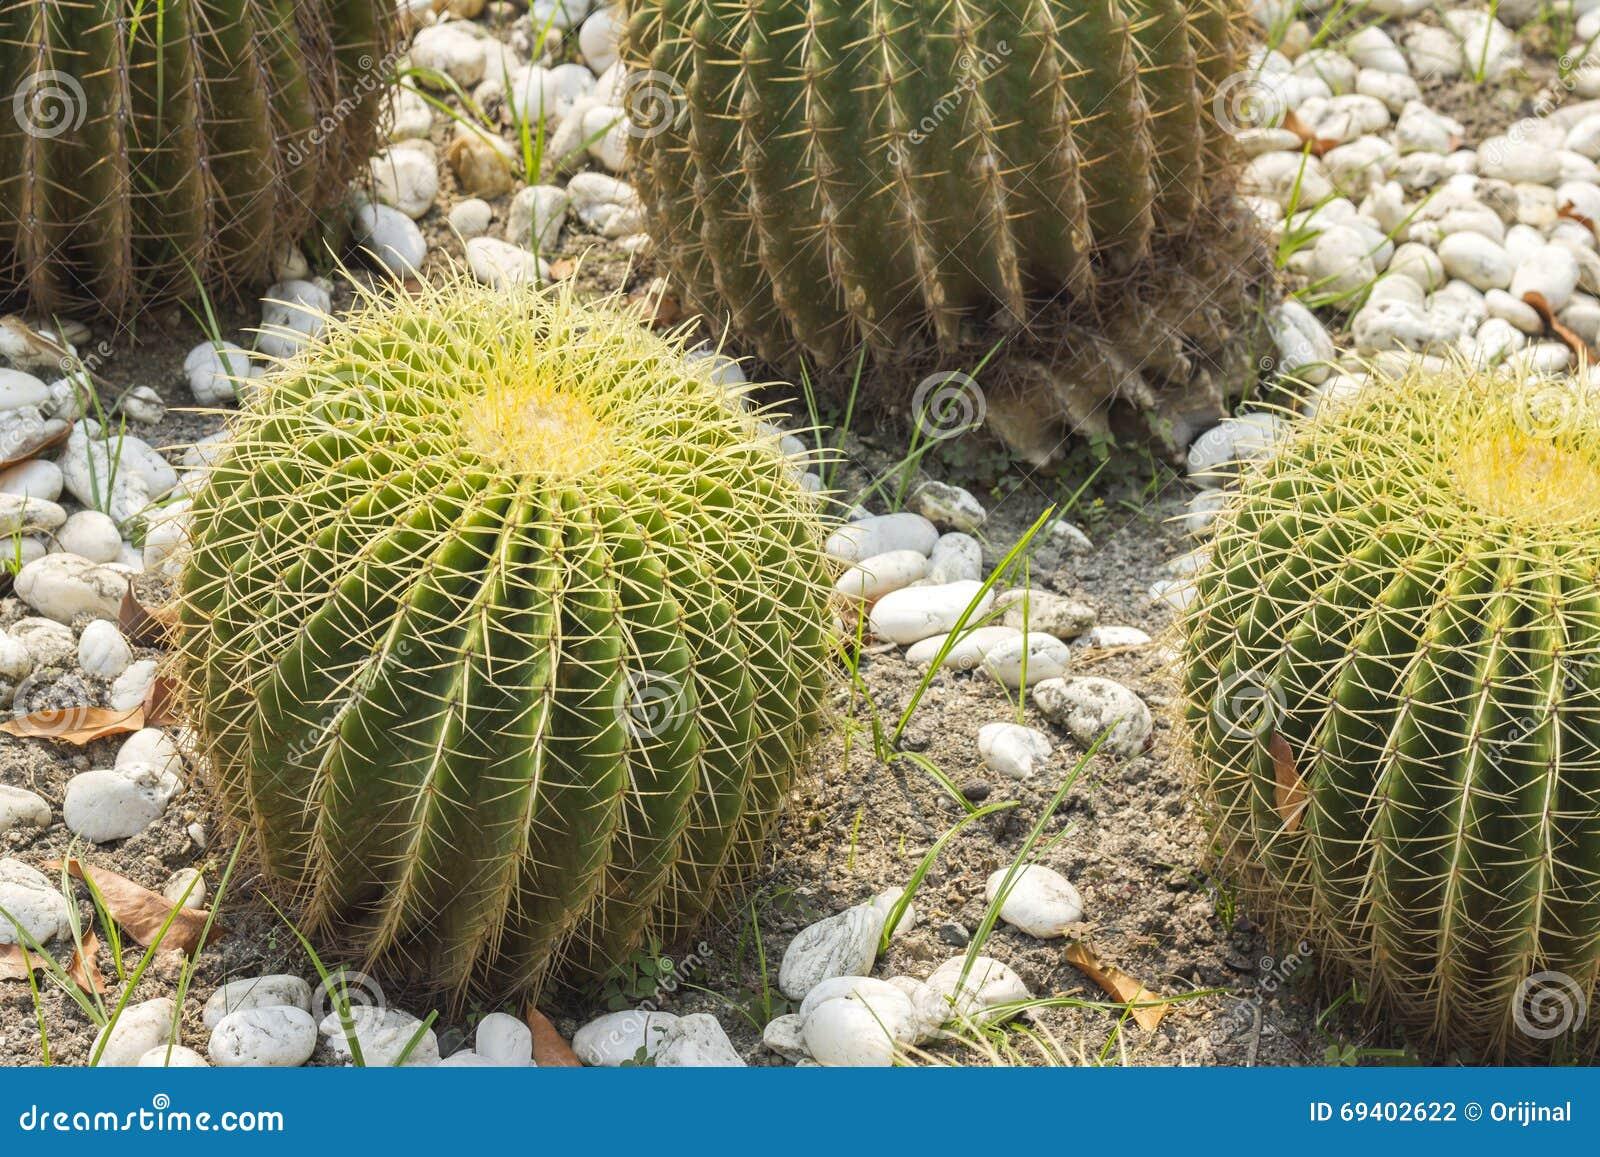 Barrel cactus growing in gravel